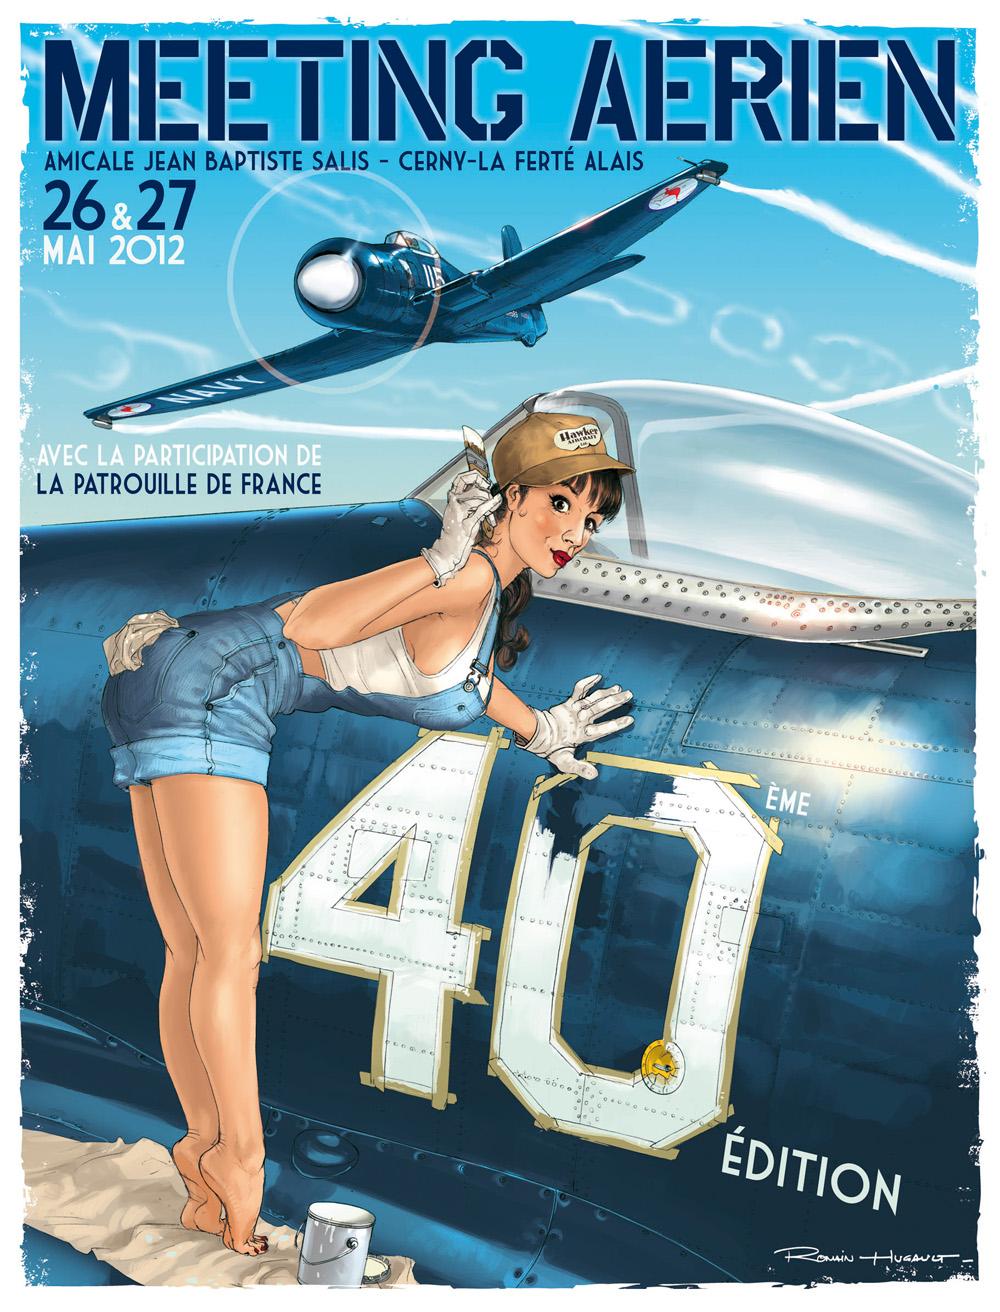 R.HUGAULT : ses affiches des meeting aériens de la Ferté-Allais MEPferte2012